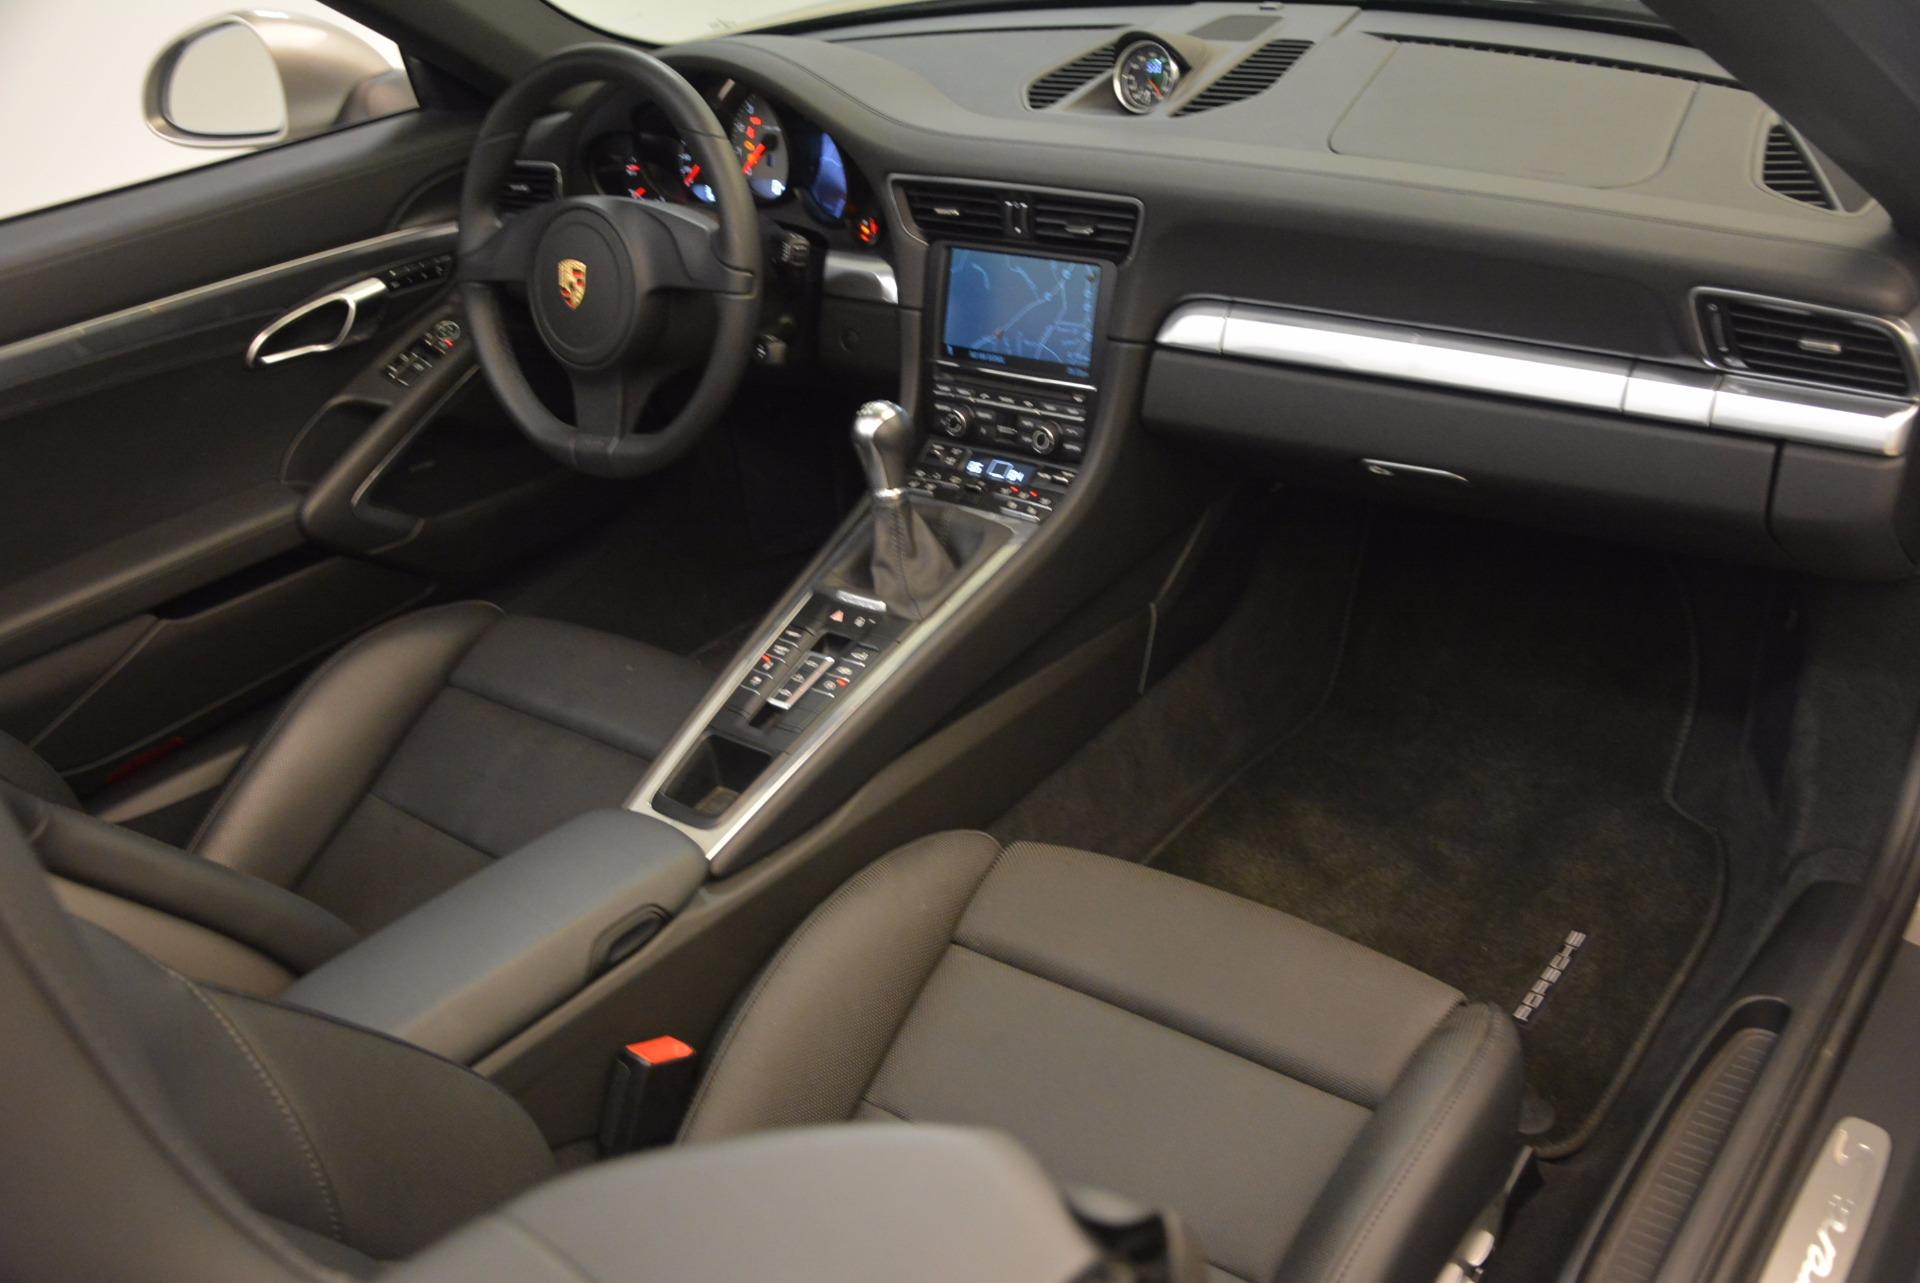 Used 2012 Porsche 911 Carrera S For Sale In Greenwich, CT 1790_p29